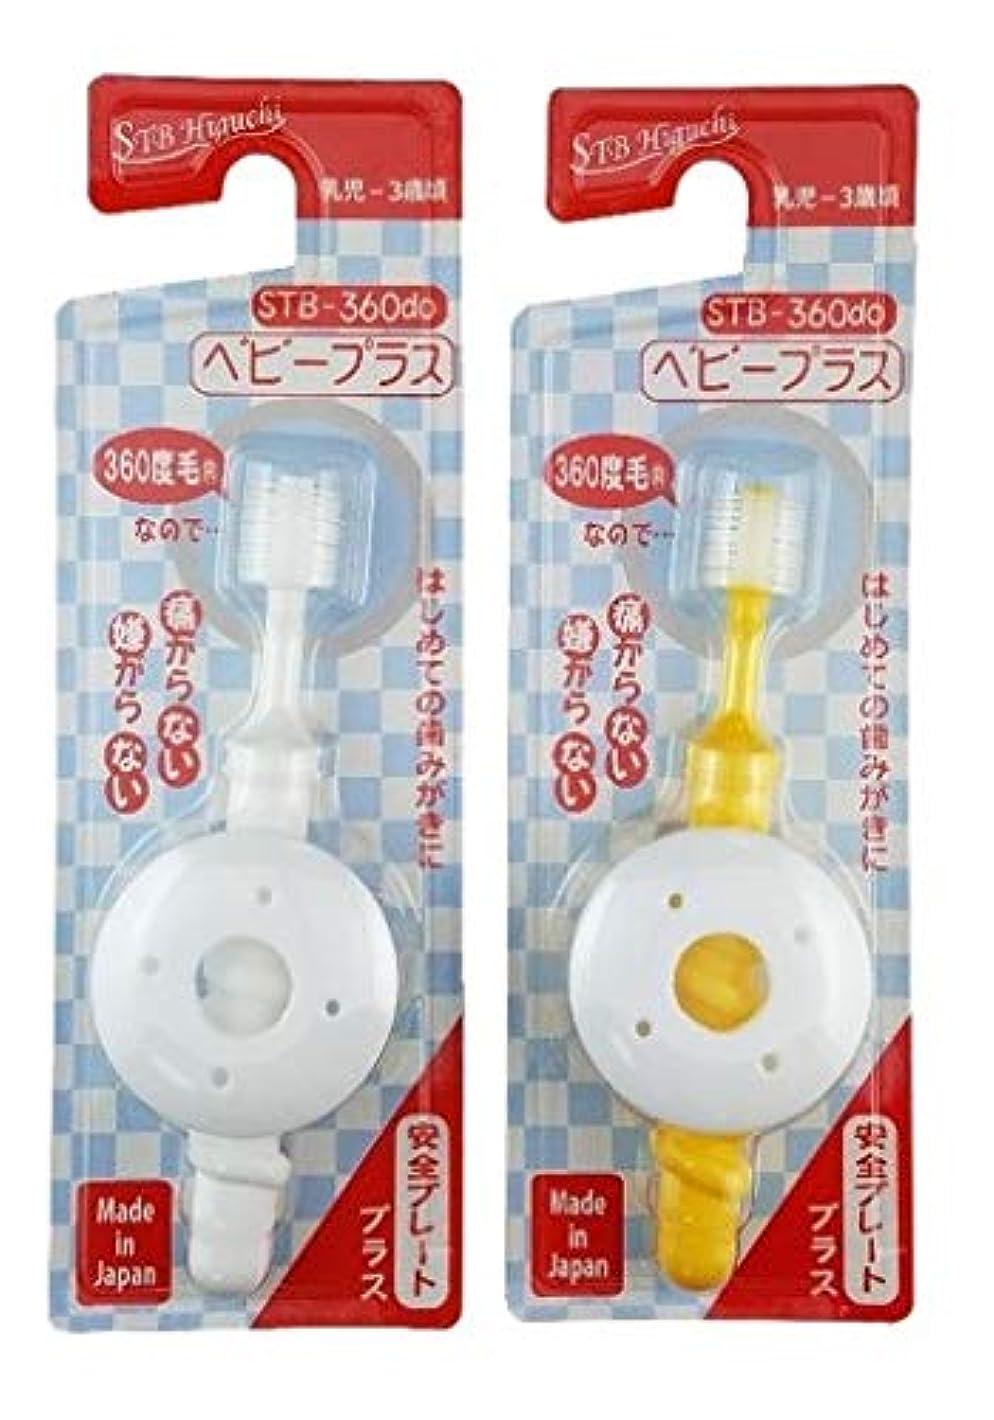 教育するプロフェッショナルと360度歯ブラシ STB-360do ベビープラス(カラーは1色おまかせ)